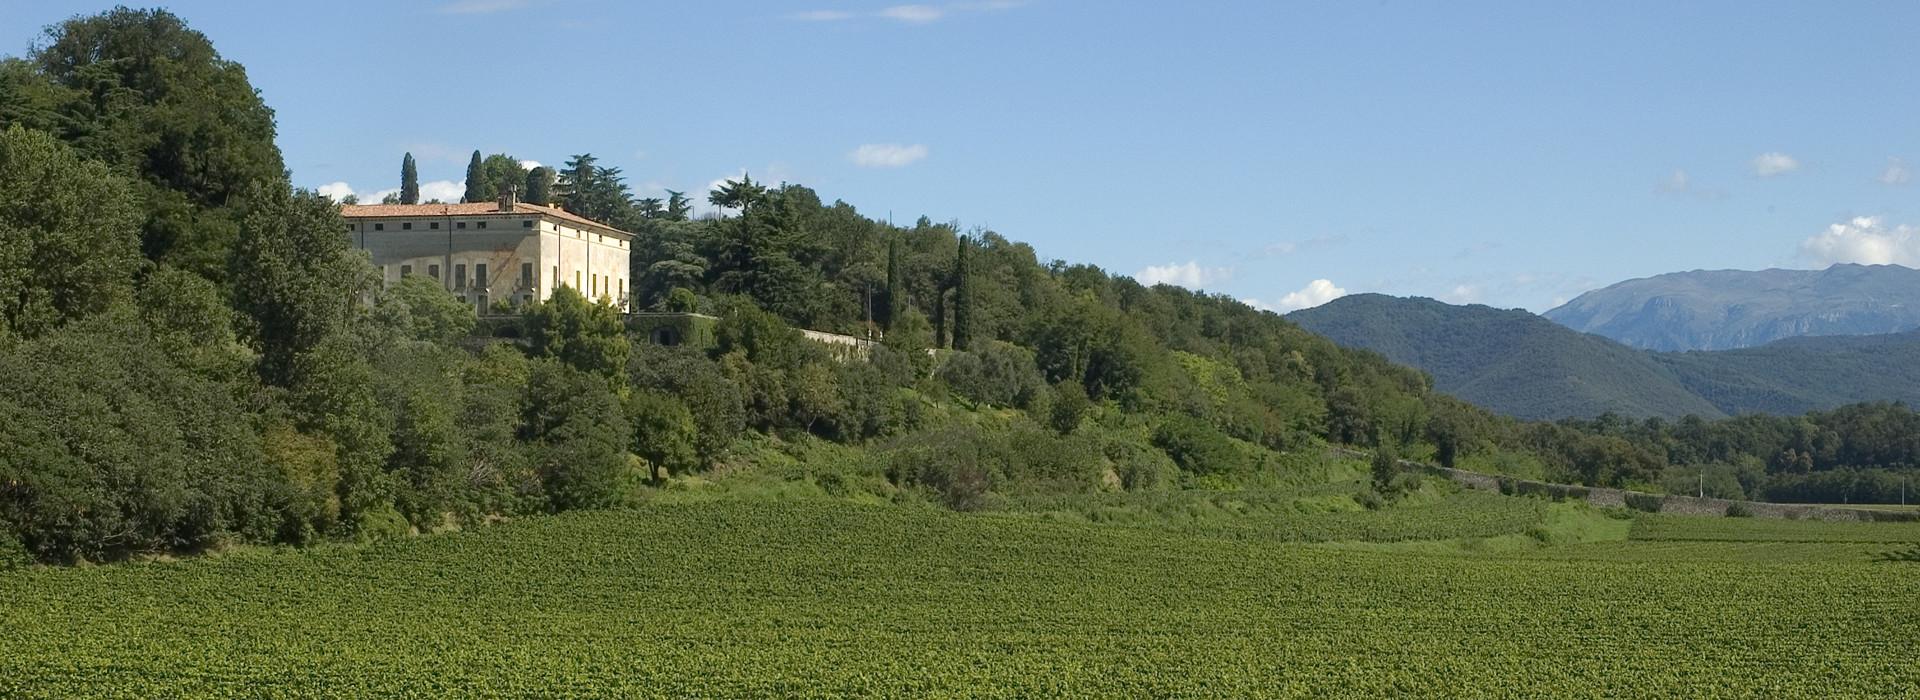 Marchese Antinori - Tenuta Montenisa